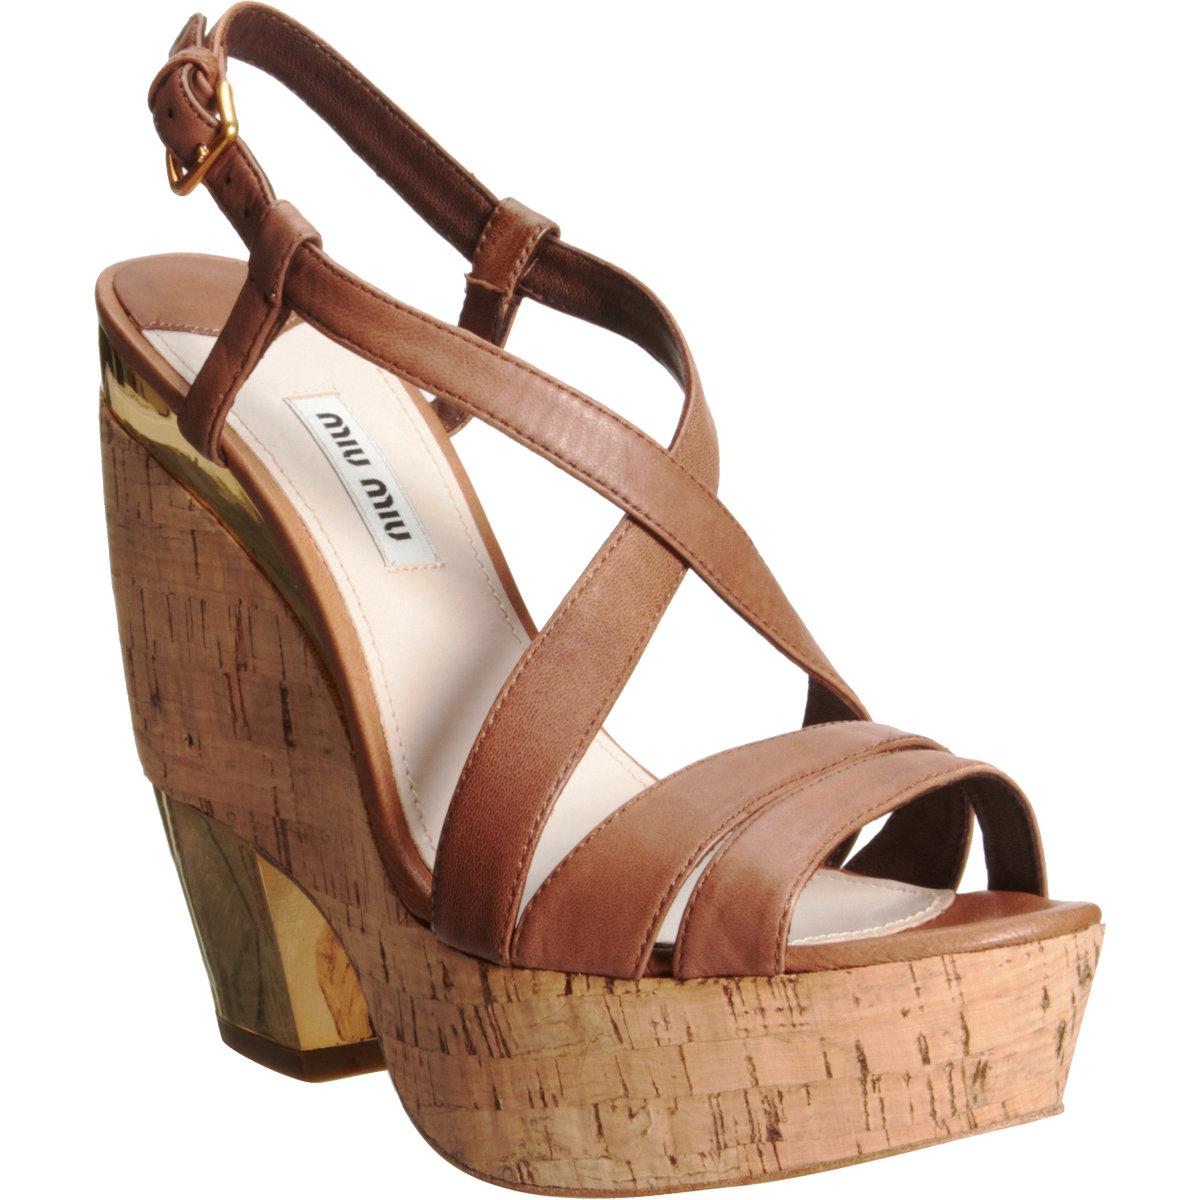 e2419d1f6f00 Miu Miu Cutout Wedge Sandal in Natural - Lyst